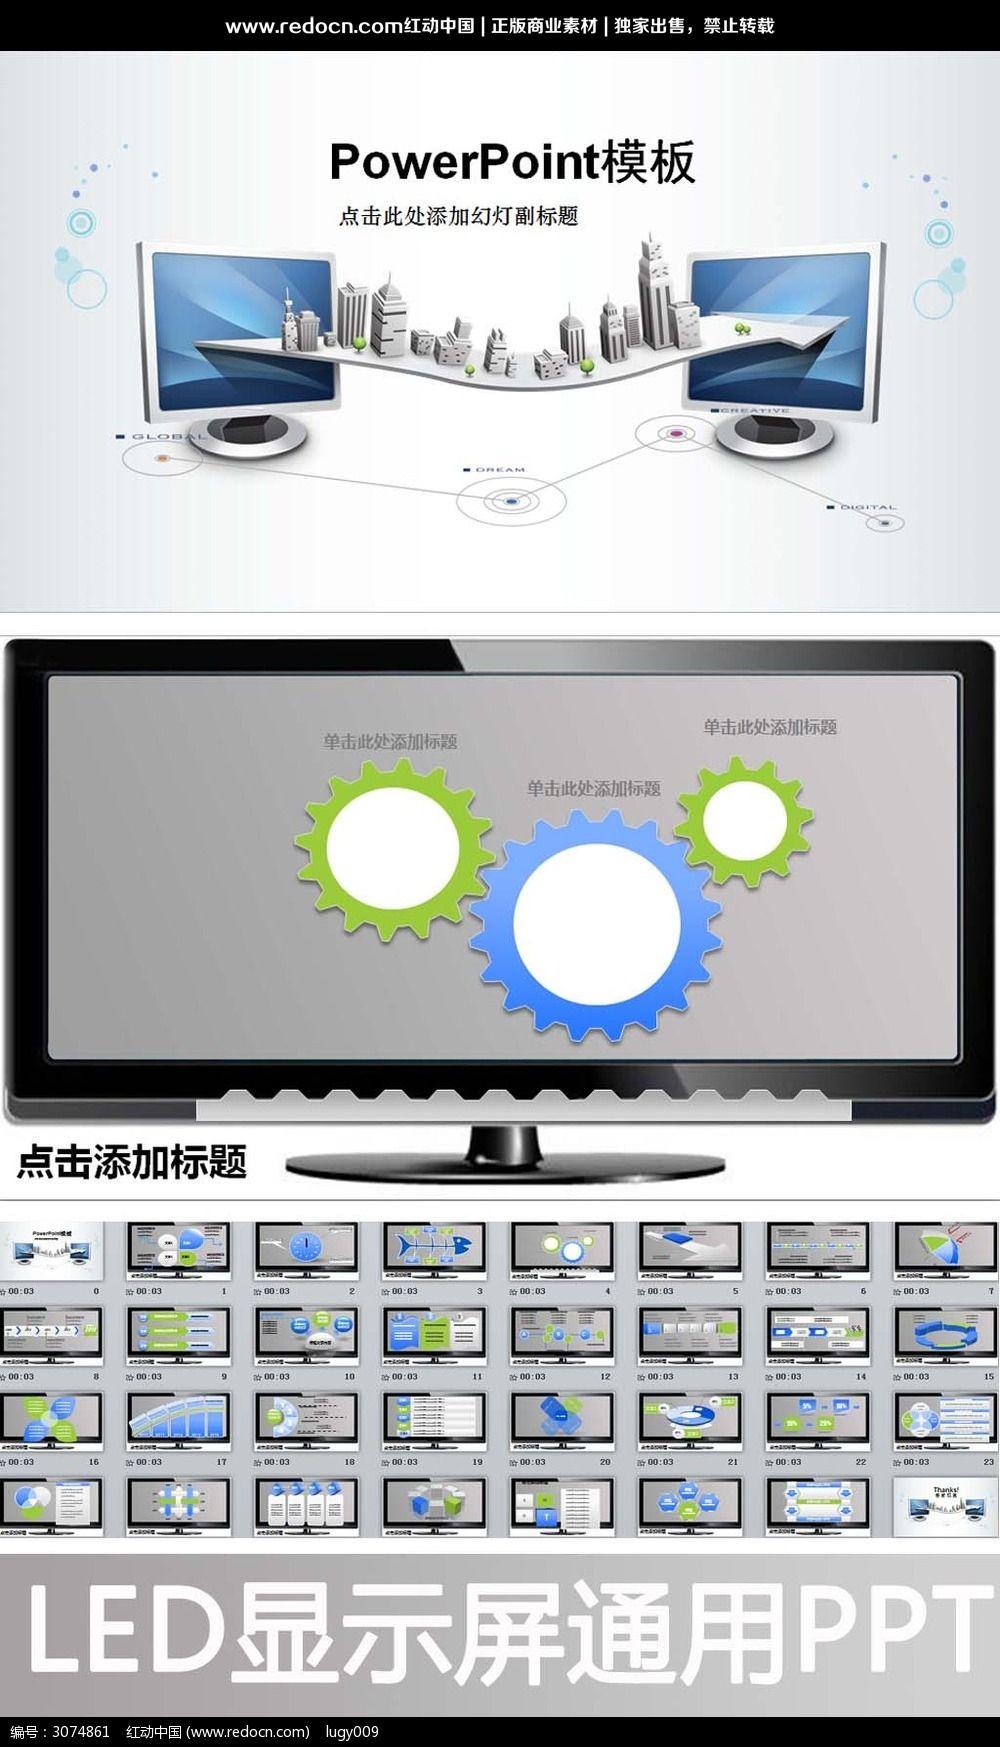 电子商务IT互联网LED显示屏PPT模板